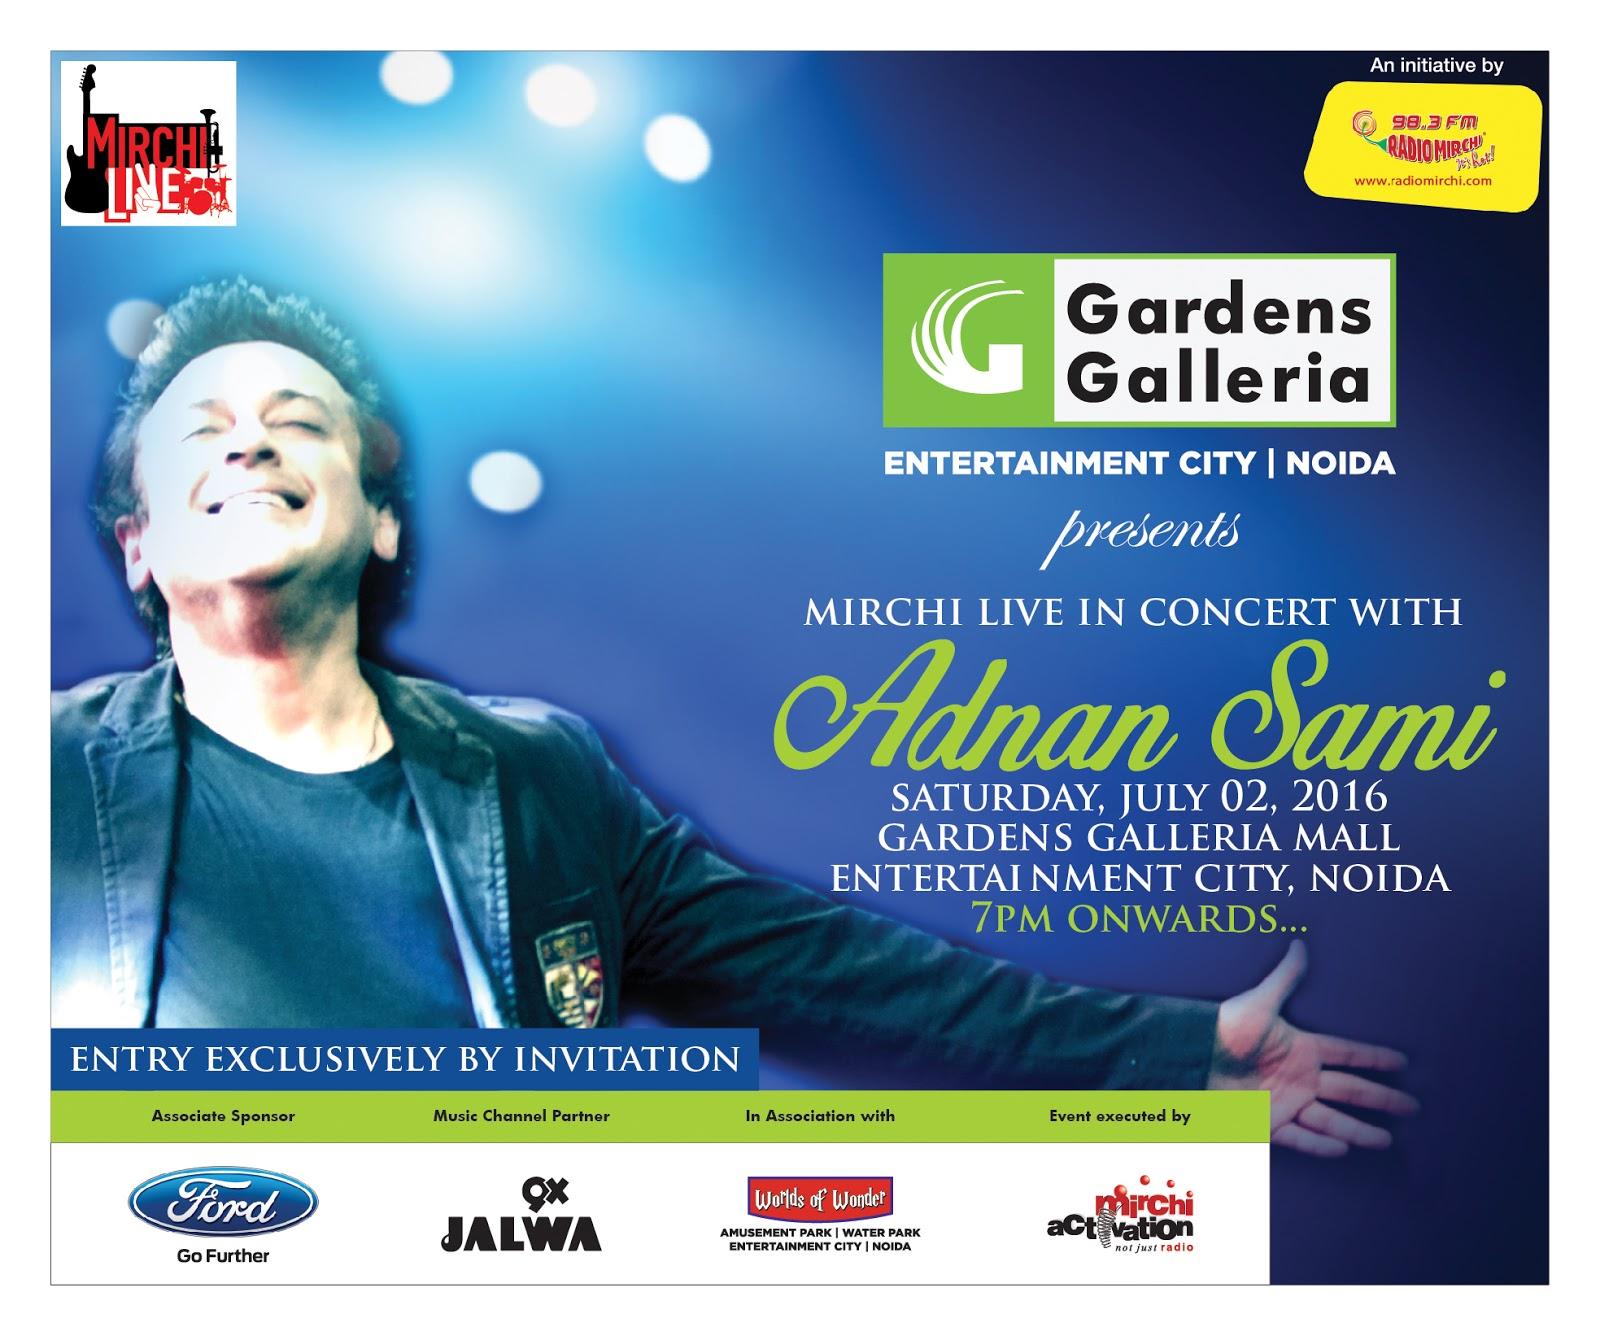 Adnan Sami Live in Concert in Noida